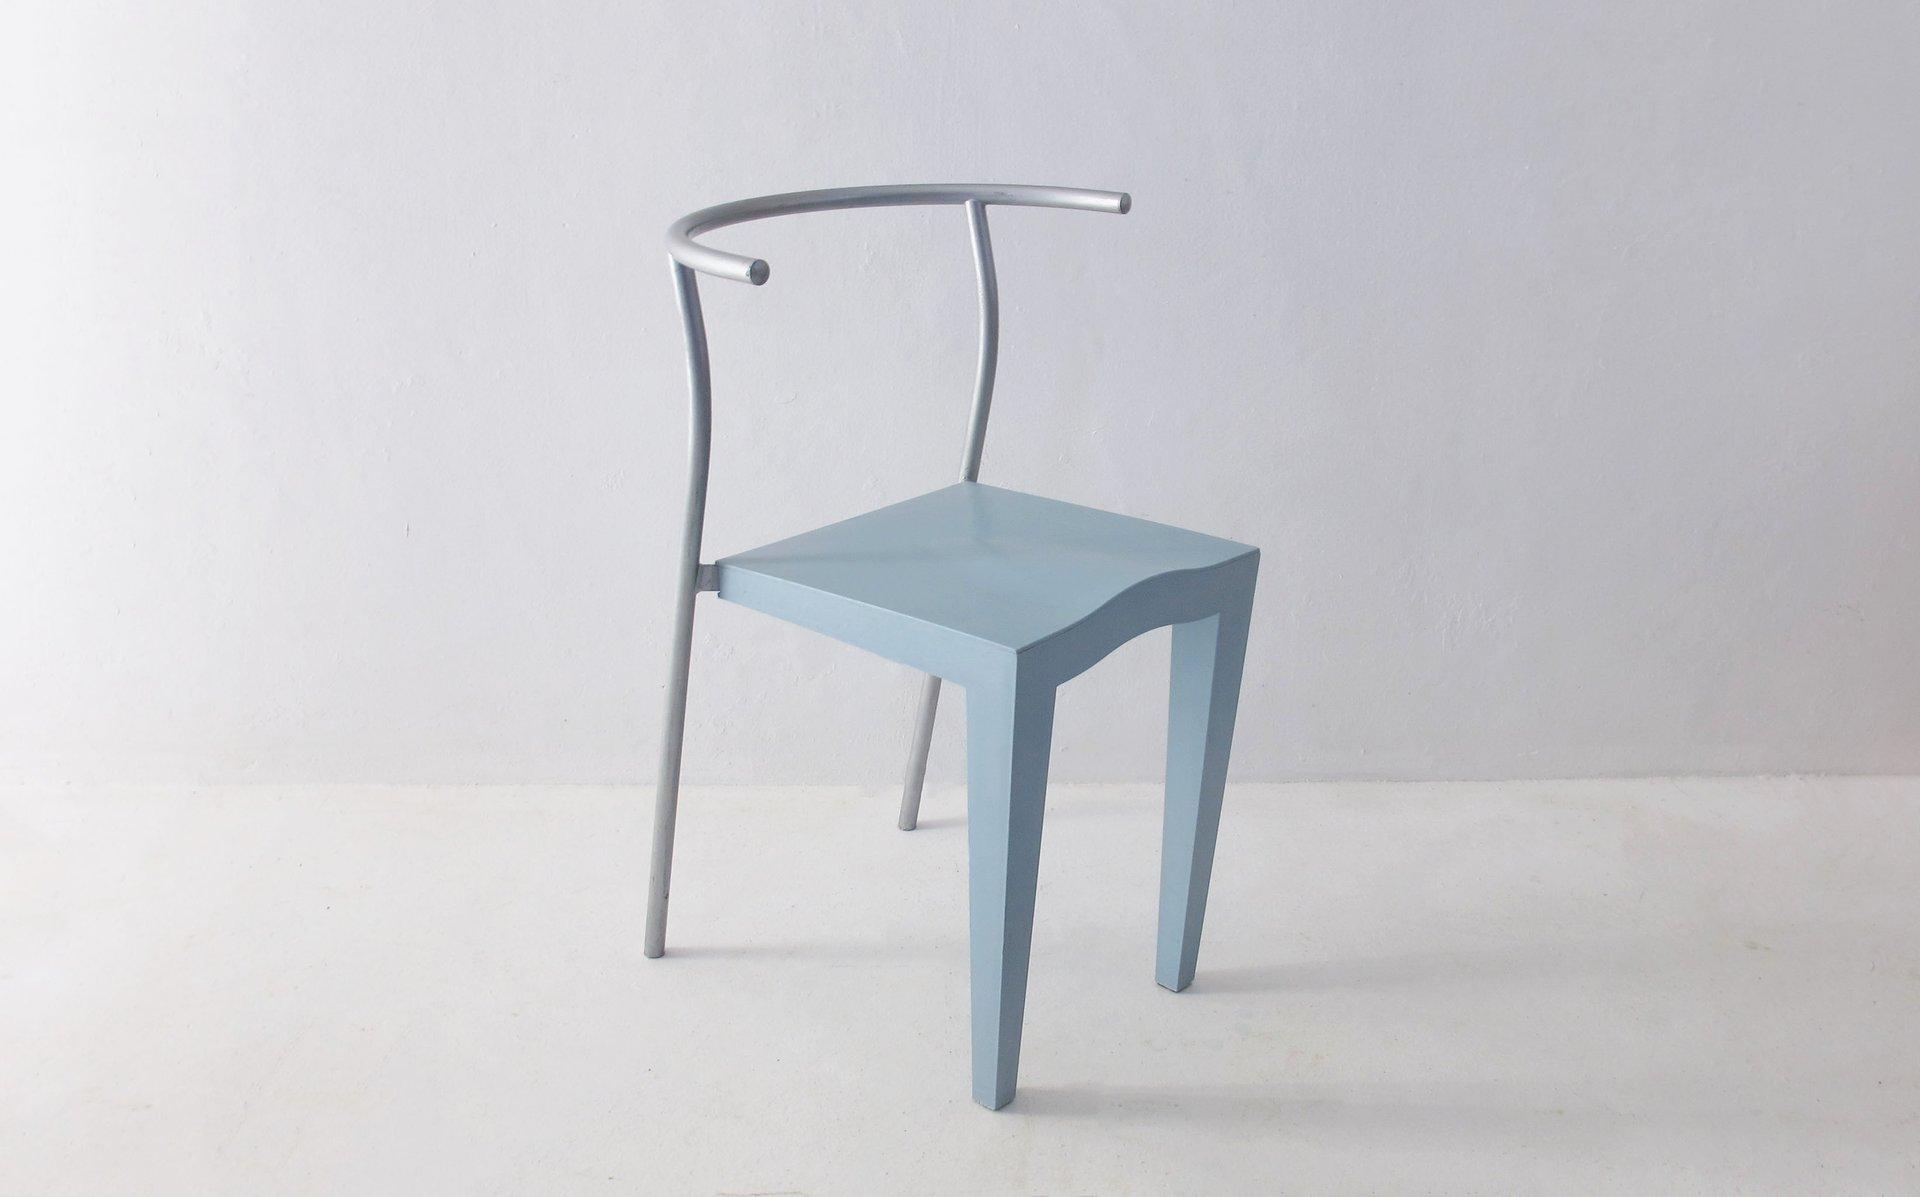 chaises vintage par philippe starck pour kartell france 1980s set de 8 en vente sur pamono. Black Bedroom Furniture Sets. Home Design Ideas